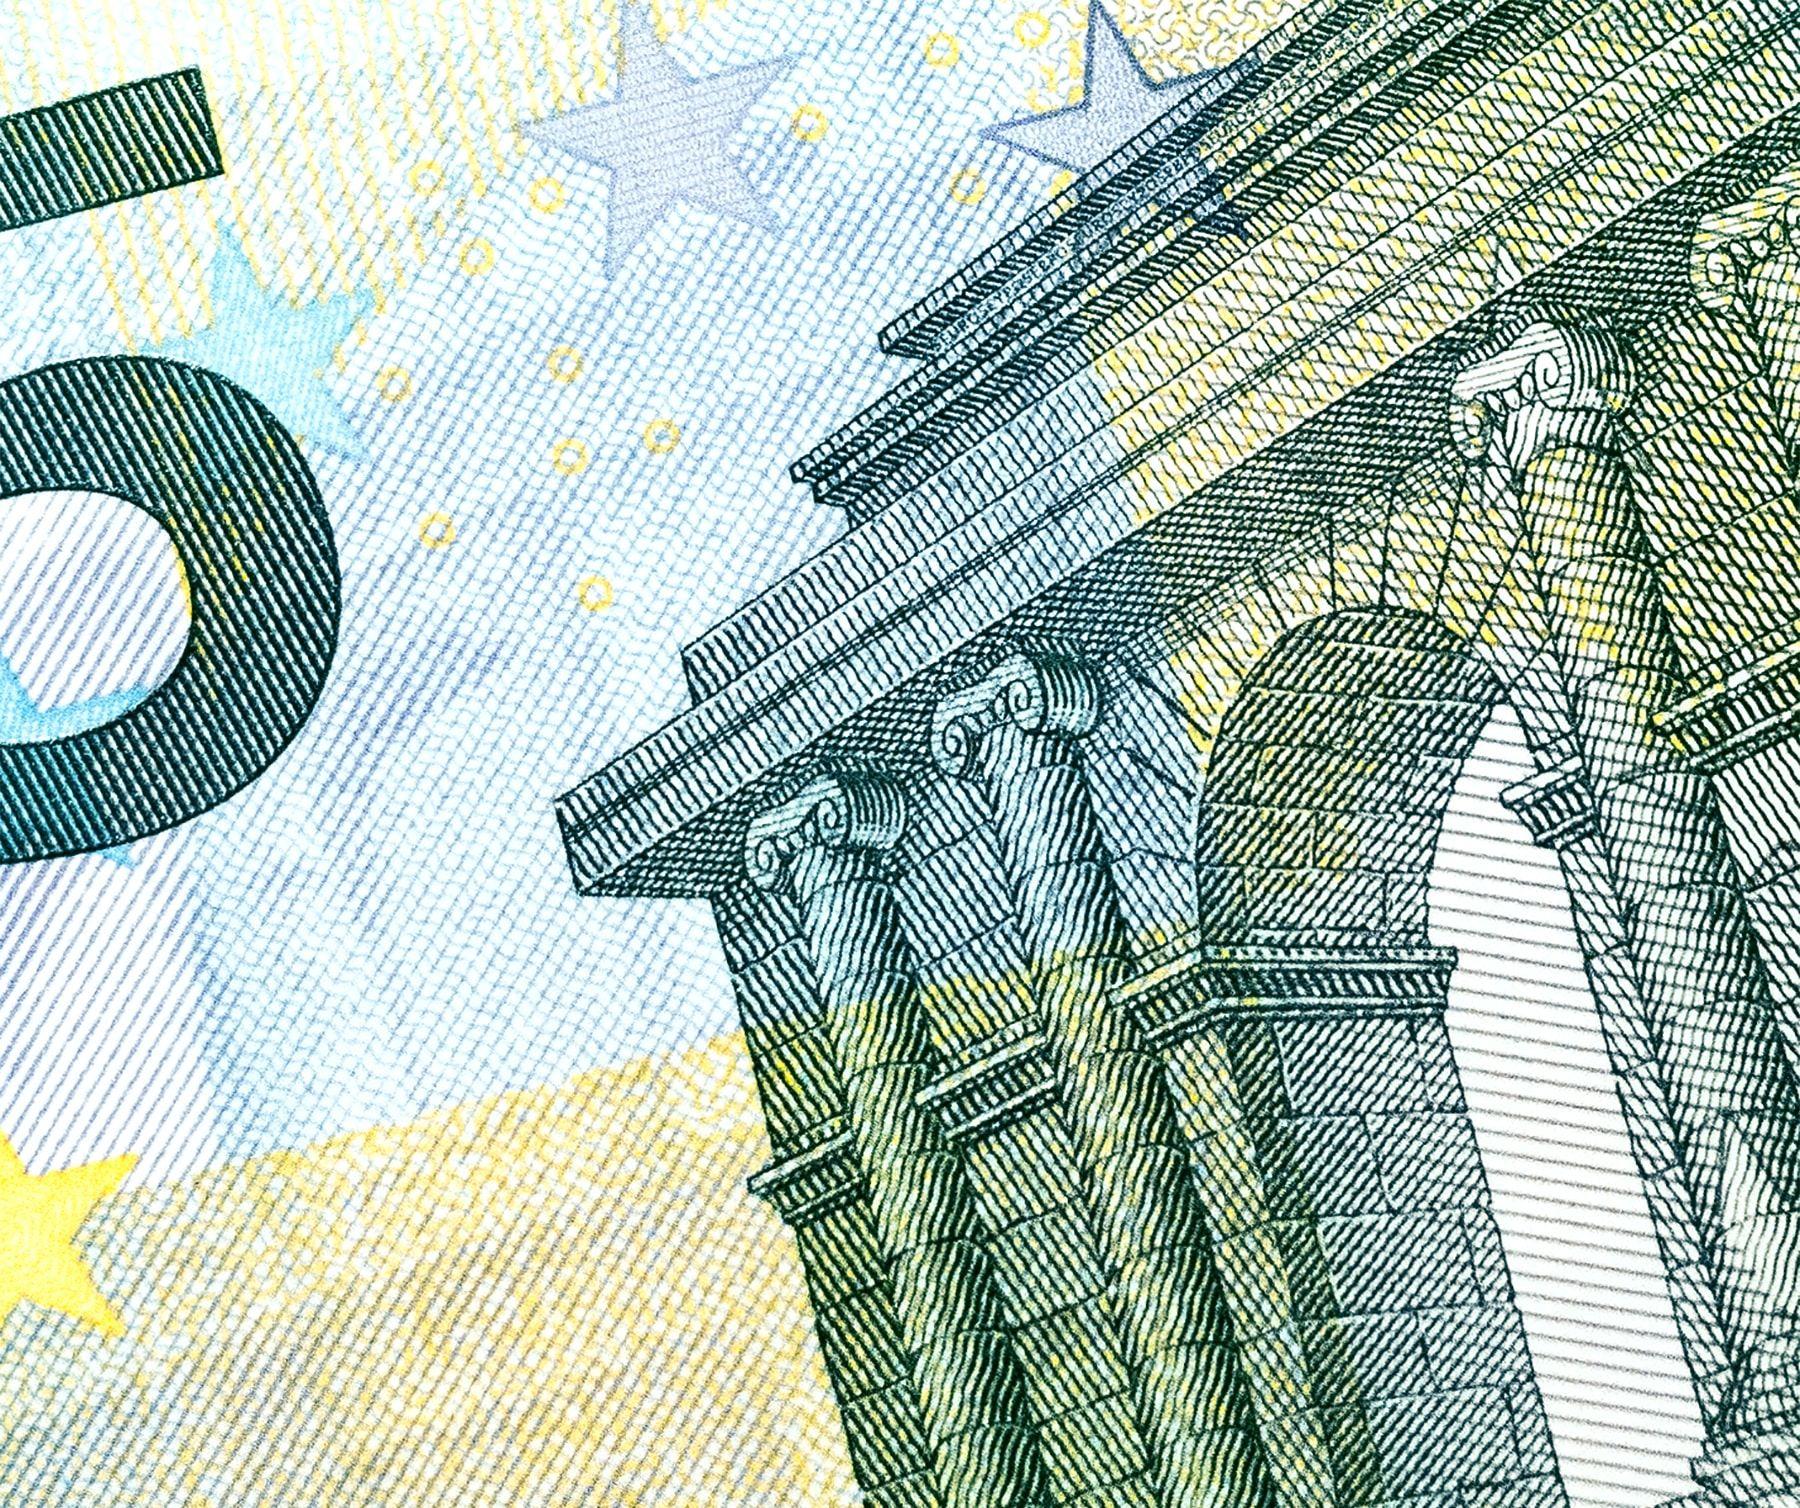 盘点各国看待数字货币的不同眼光